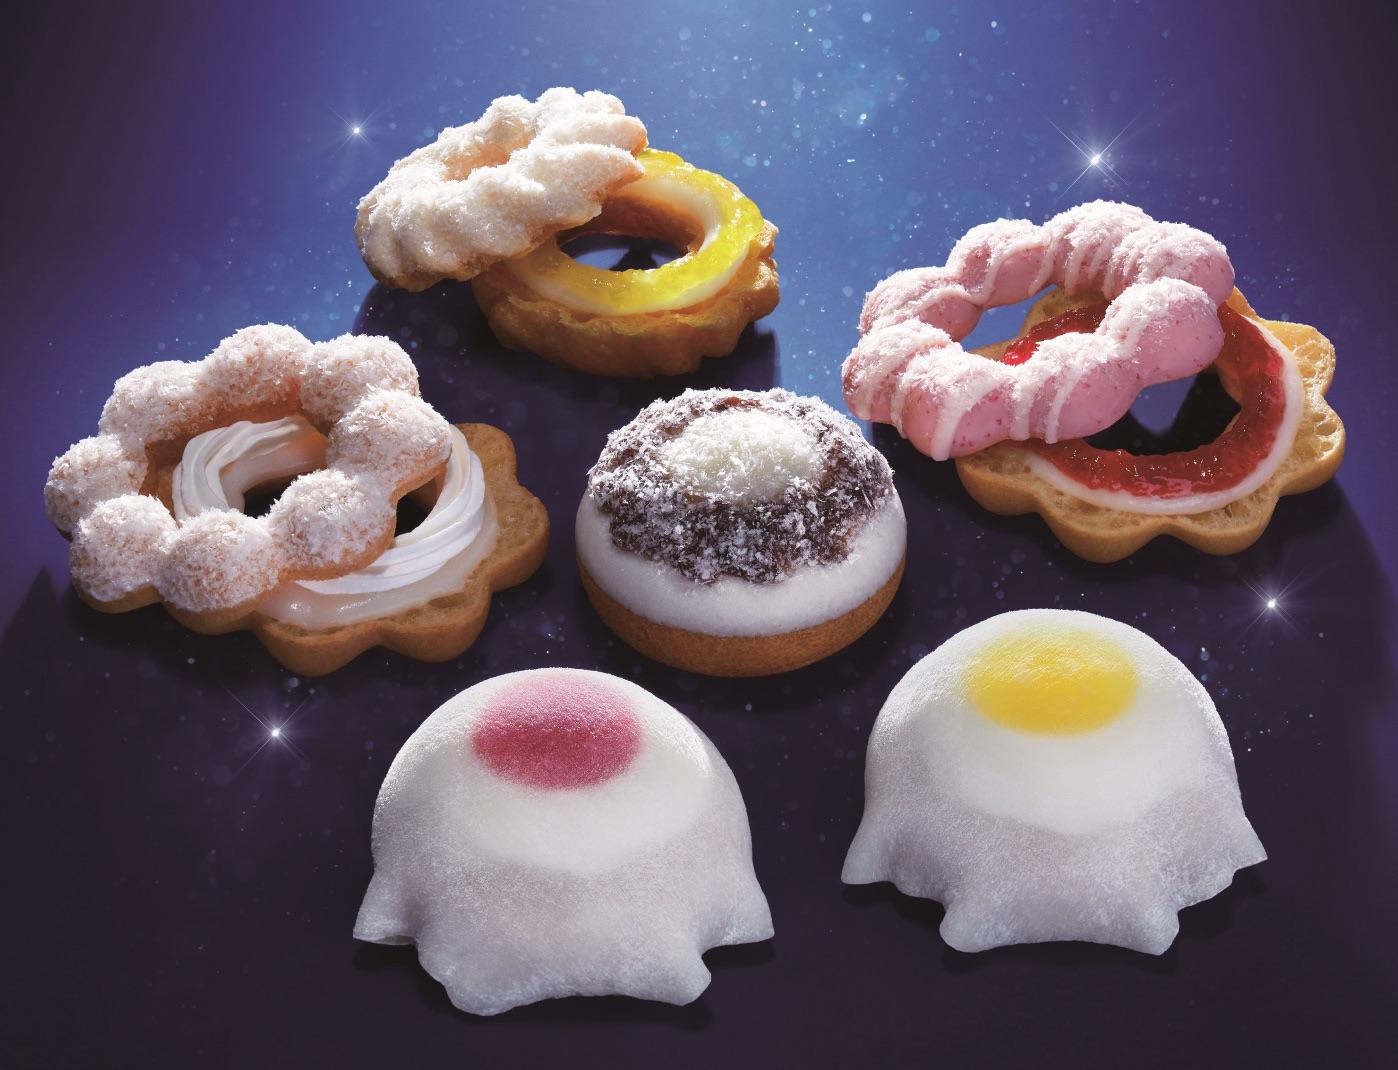 %e3%83%9f%e3%82%b9%e3%82%bf%e3%83%bc%e3%83%89%e3%83%bc%e3%83%8a%e3%83%84-%e3%82%82%e3%81%a1%e3%82%af%e3%83%aa%e3%83%bc%e3%83%a0-mister-donut-mochi-cream-%e7%94%9c%e7%94%9c%e5%9c%88-2